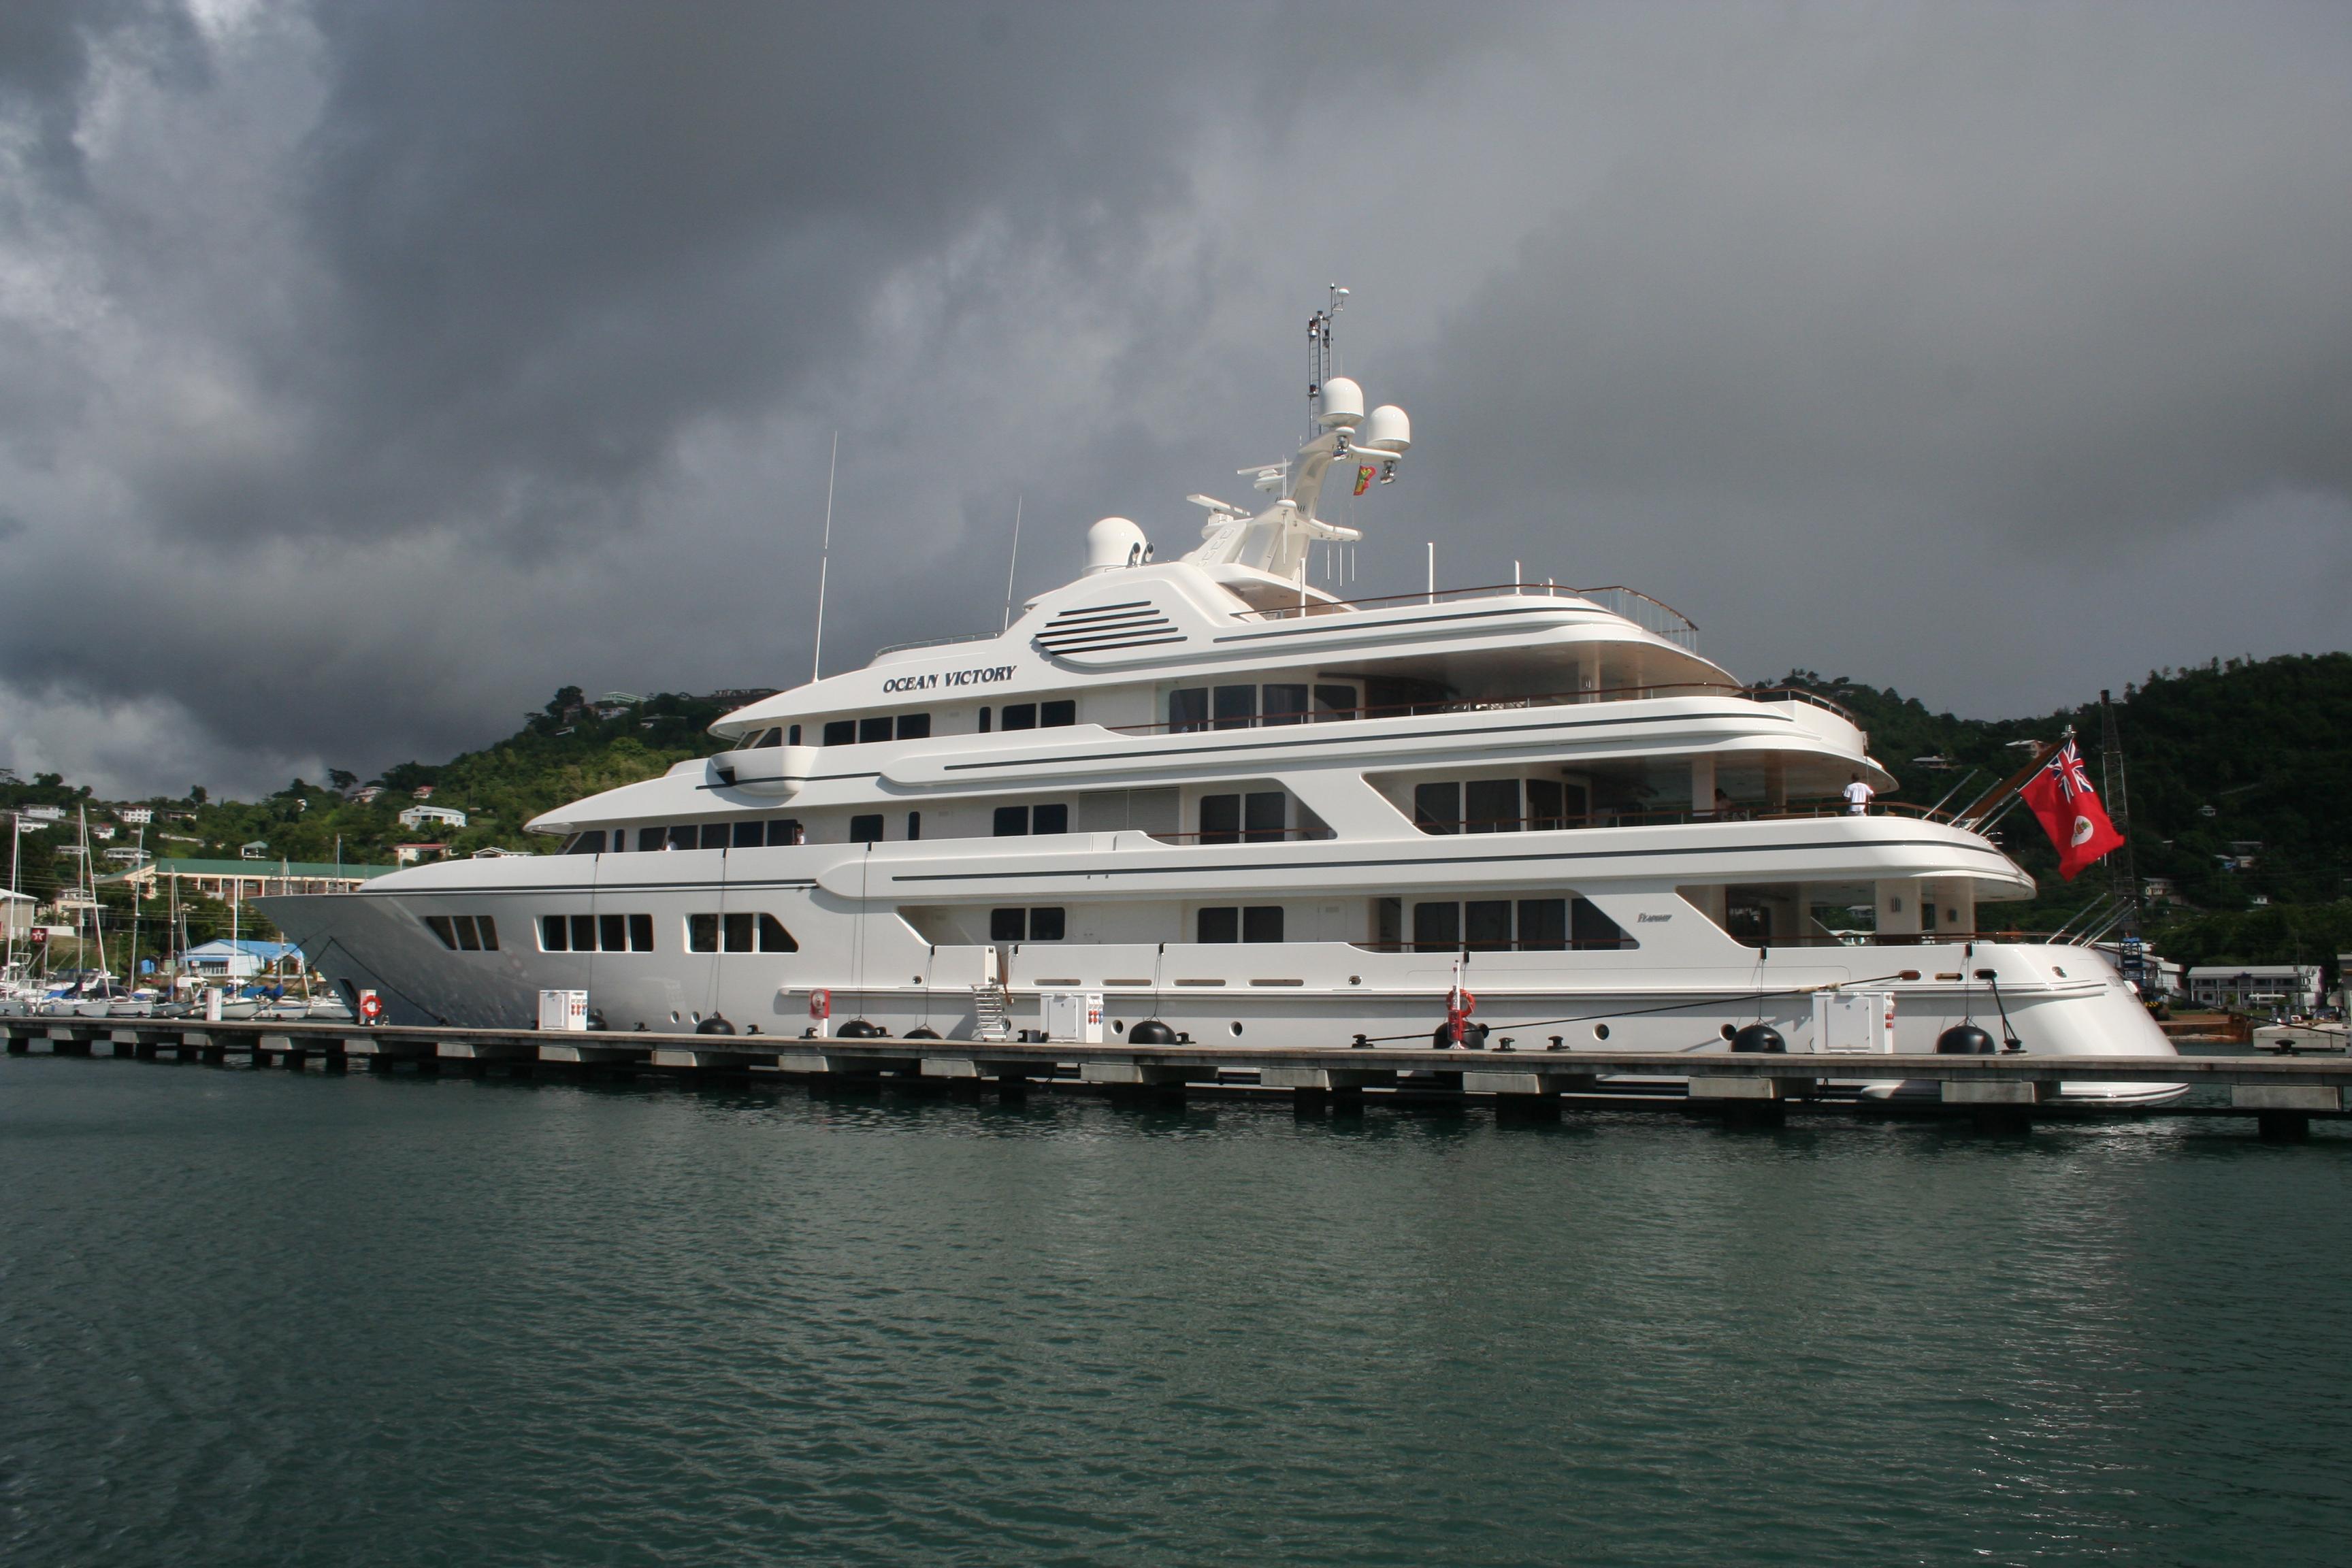 """""""Nummer 9: Die 'Ocean Victory' eines russischen Geschäftsmannes ist die grösste, in Italien gebaute Yacht © Ebony Shine/Wikipedia"""